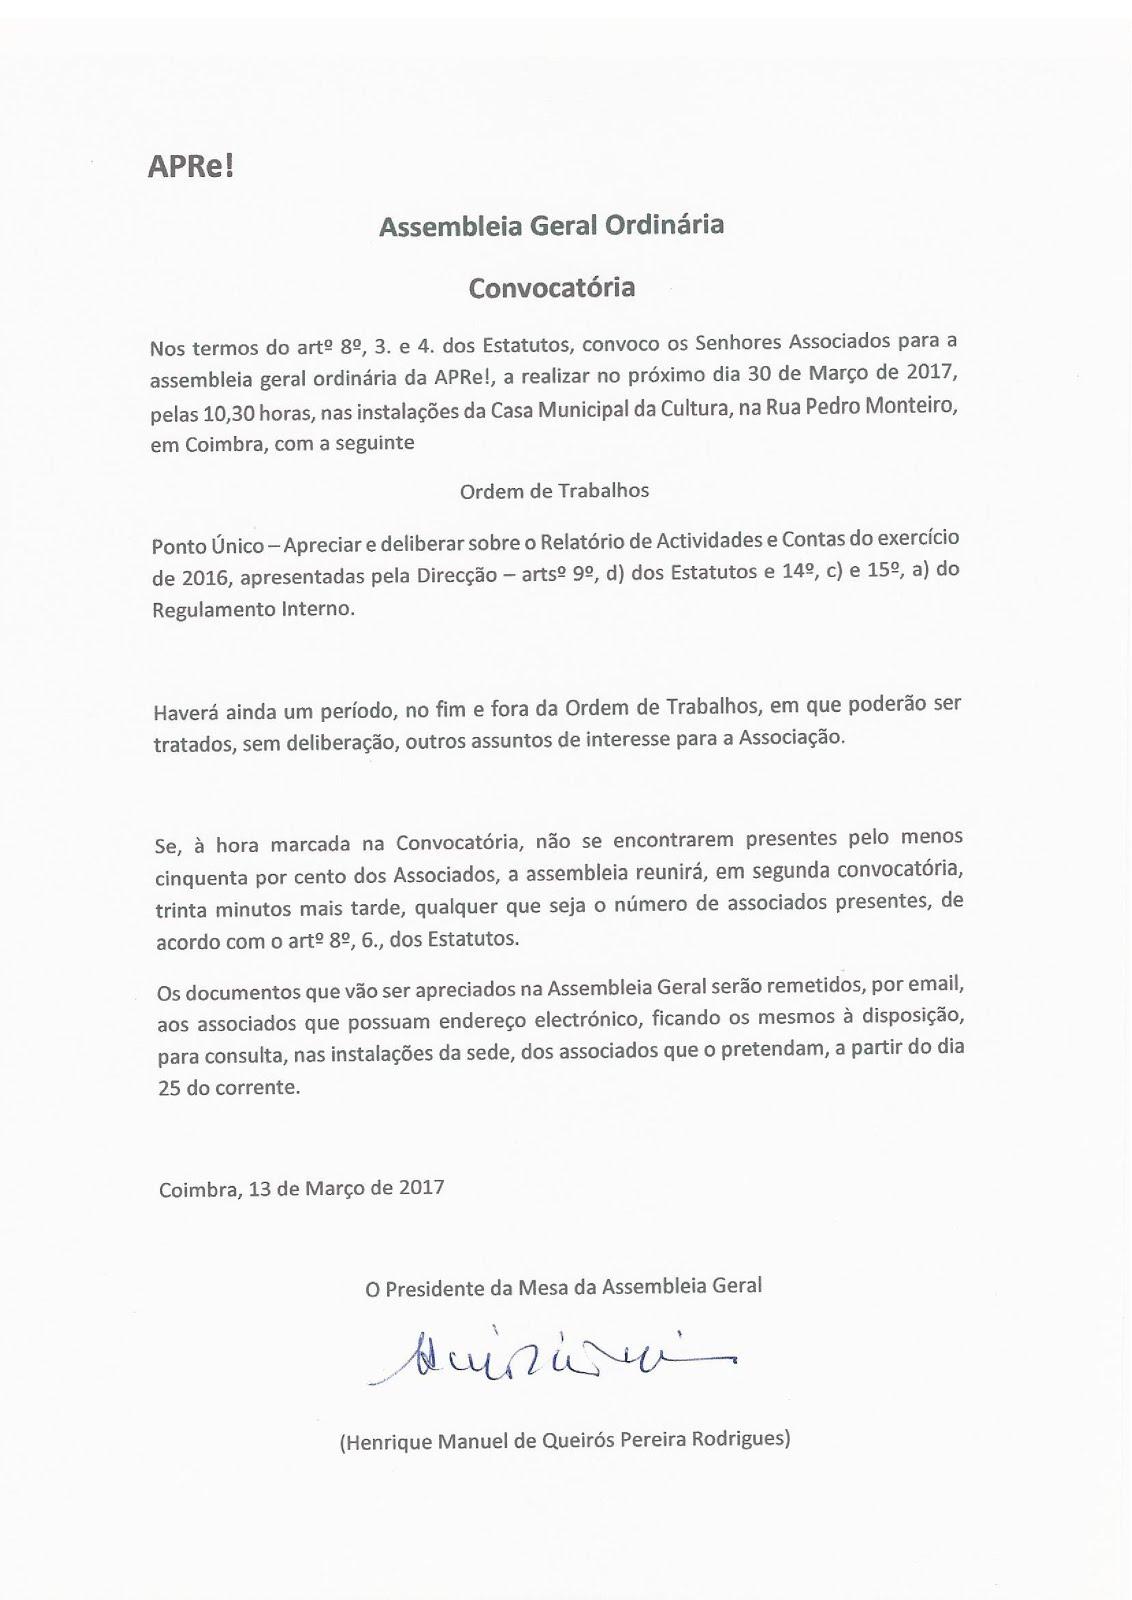 Convocatória para Assembleia Geral Ordinária da APRe!, 30 de Março 2017